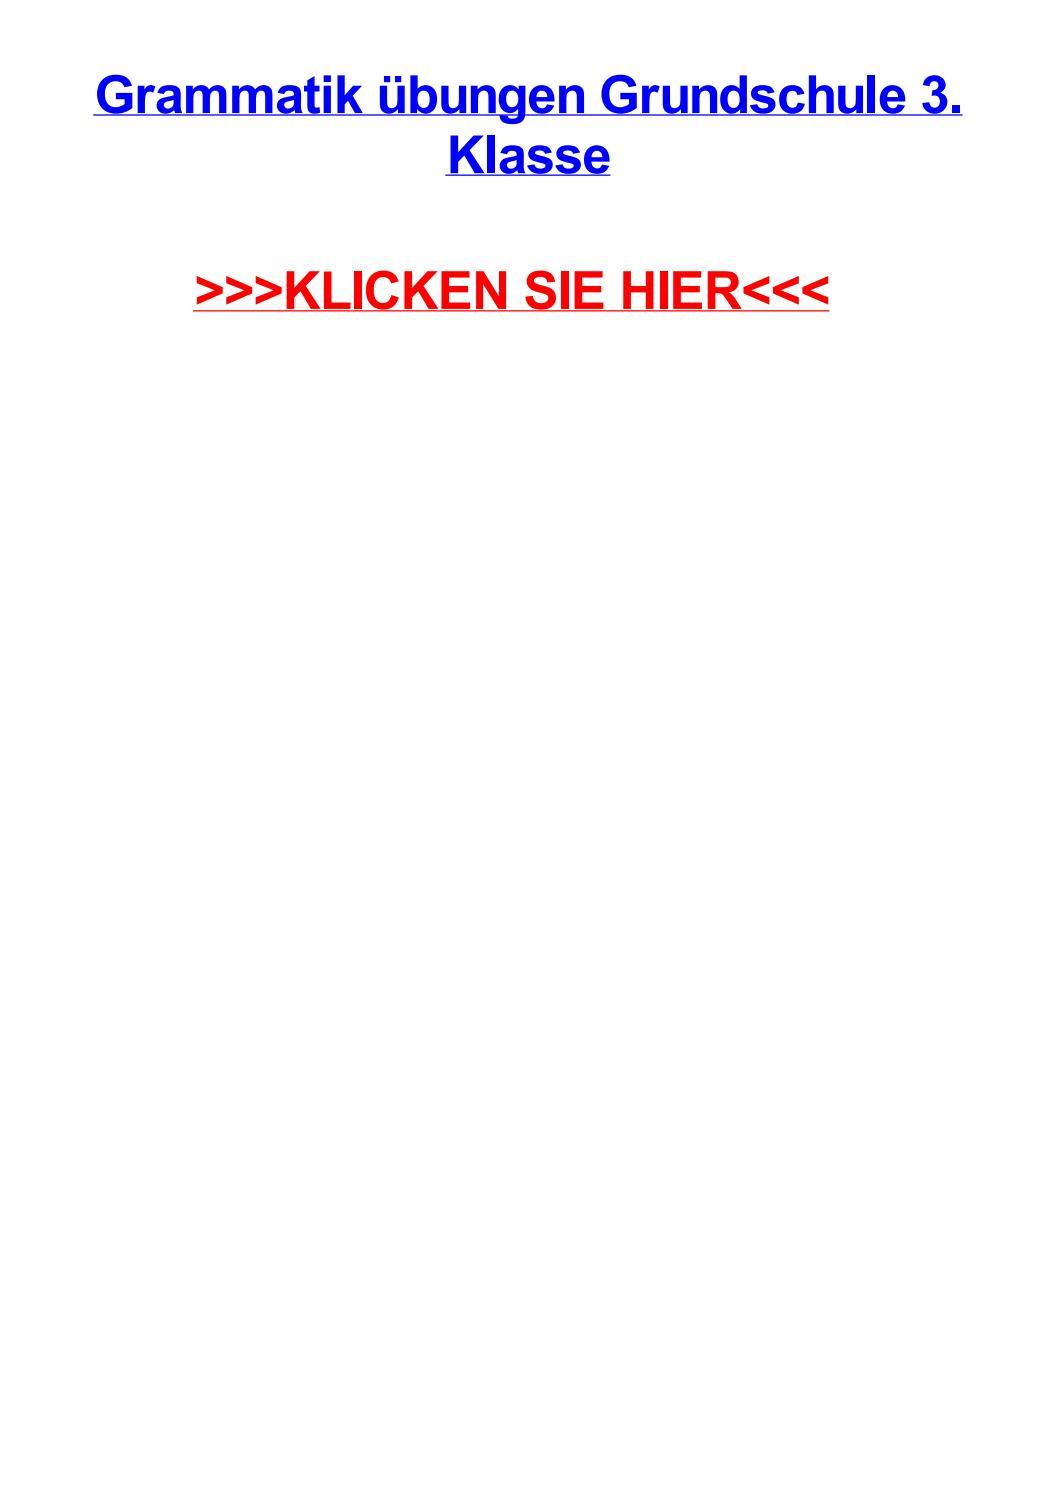 Grammatik jbungen grundschule 3 klasse by kellyfcja - issuu